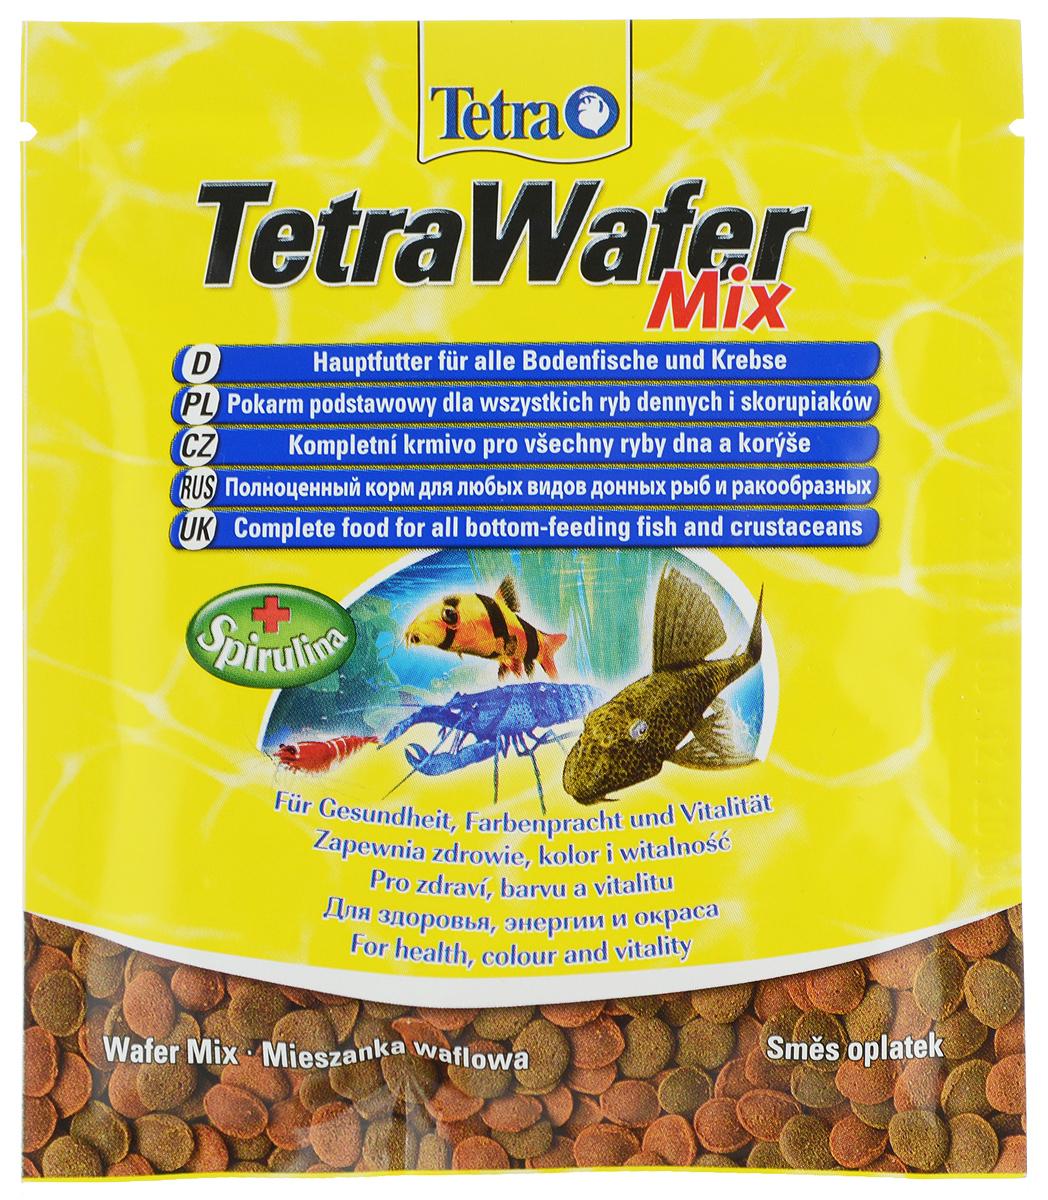 Корм Tetra TetraWafer Mix для всех видов донных рыб и ракообразных, пластинки, 15 г134461Корм Tetra TetraWafer Mix - это высококачественная смесь основного корма и креветок для кормления травоядных, хищных и донных рыб. Идеально подходит для кормления ракообразных (креветок, крабов, раков), сомовых и других придонных обитателей. Для травоядных донных рыб в аквариуме идеально подходят зеленые пластинки из водорослей спирулины, а коричневые - идеальны для хищников. Корм не мутит и не загрязняет воду благодаря плотному составу. Форма пластинок соответствует свойствам природного корма, позволяет кормить рыб разных размеров. Множество отборных высококачественных компонентов, витаминов, минералов и аминокислот обеспечивают питательными и энергетическими потребностями даже наиболее требовательных видов аквариумных рыб. Рекомендации оп кормлению: кормить несколько раз в день маленькими порциями. Состав: рыба и побочные рыбные продукты, экстракты растительного белка, зерновые культуры, растительные продукты, моллюски и раки, дрожжи, водоросли...